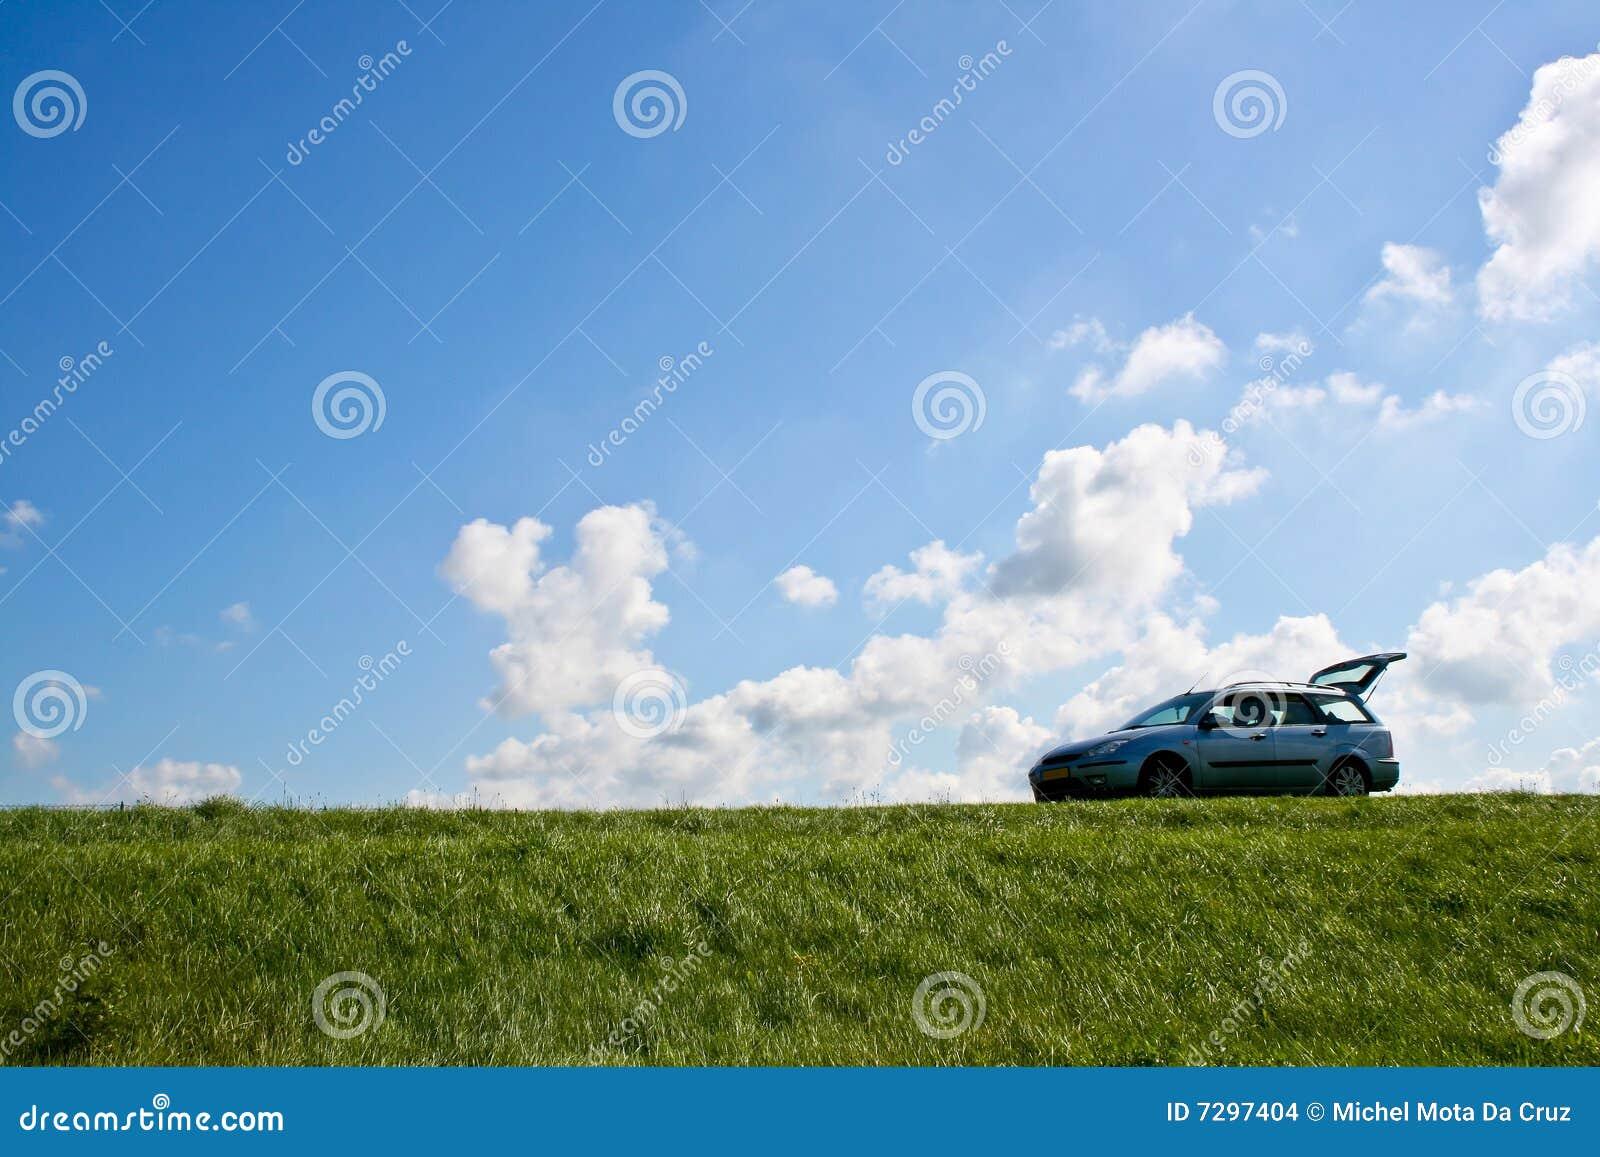 Car rest stop